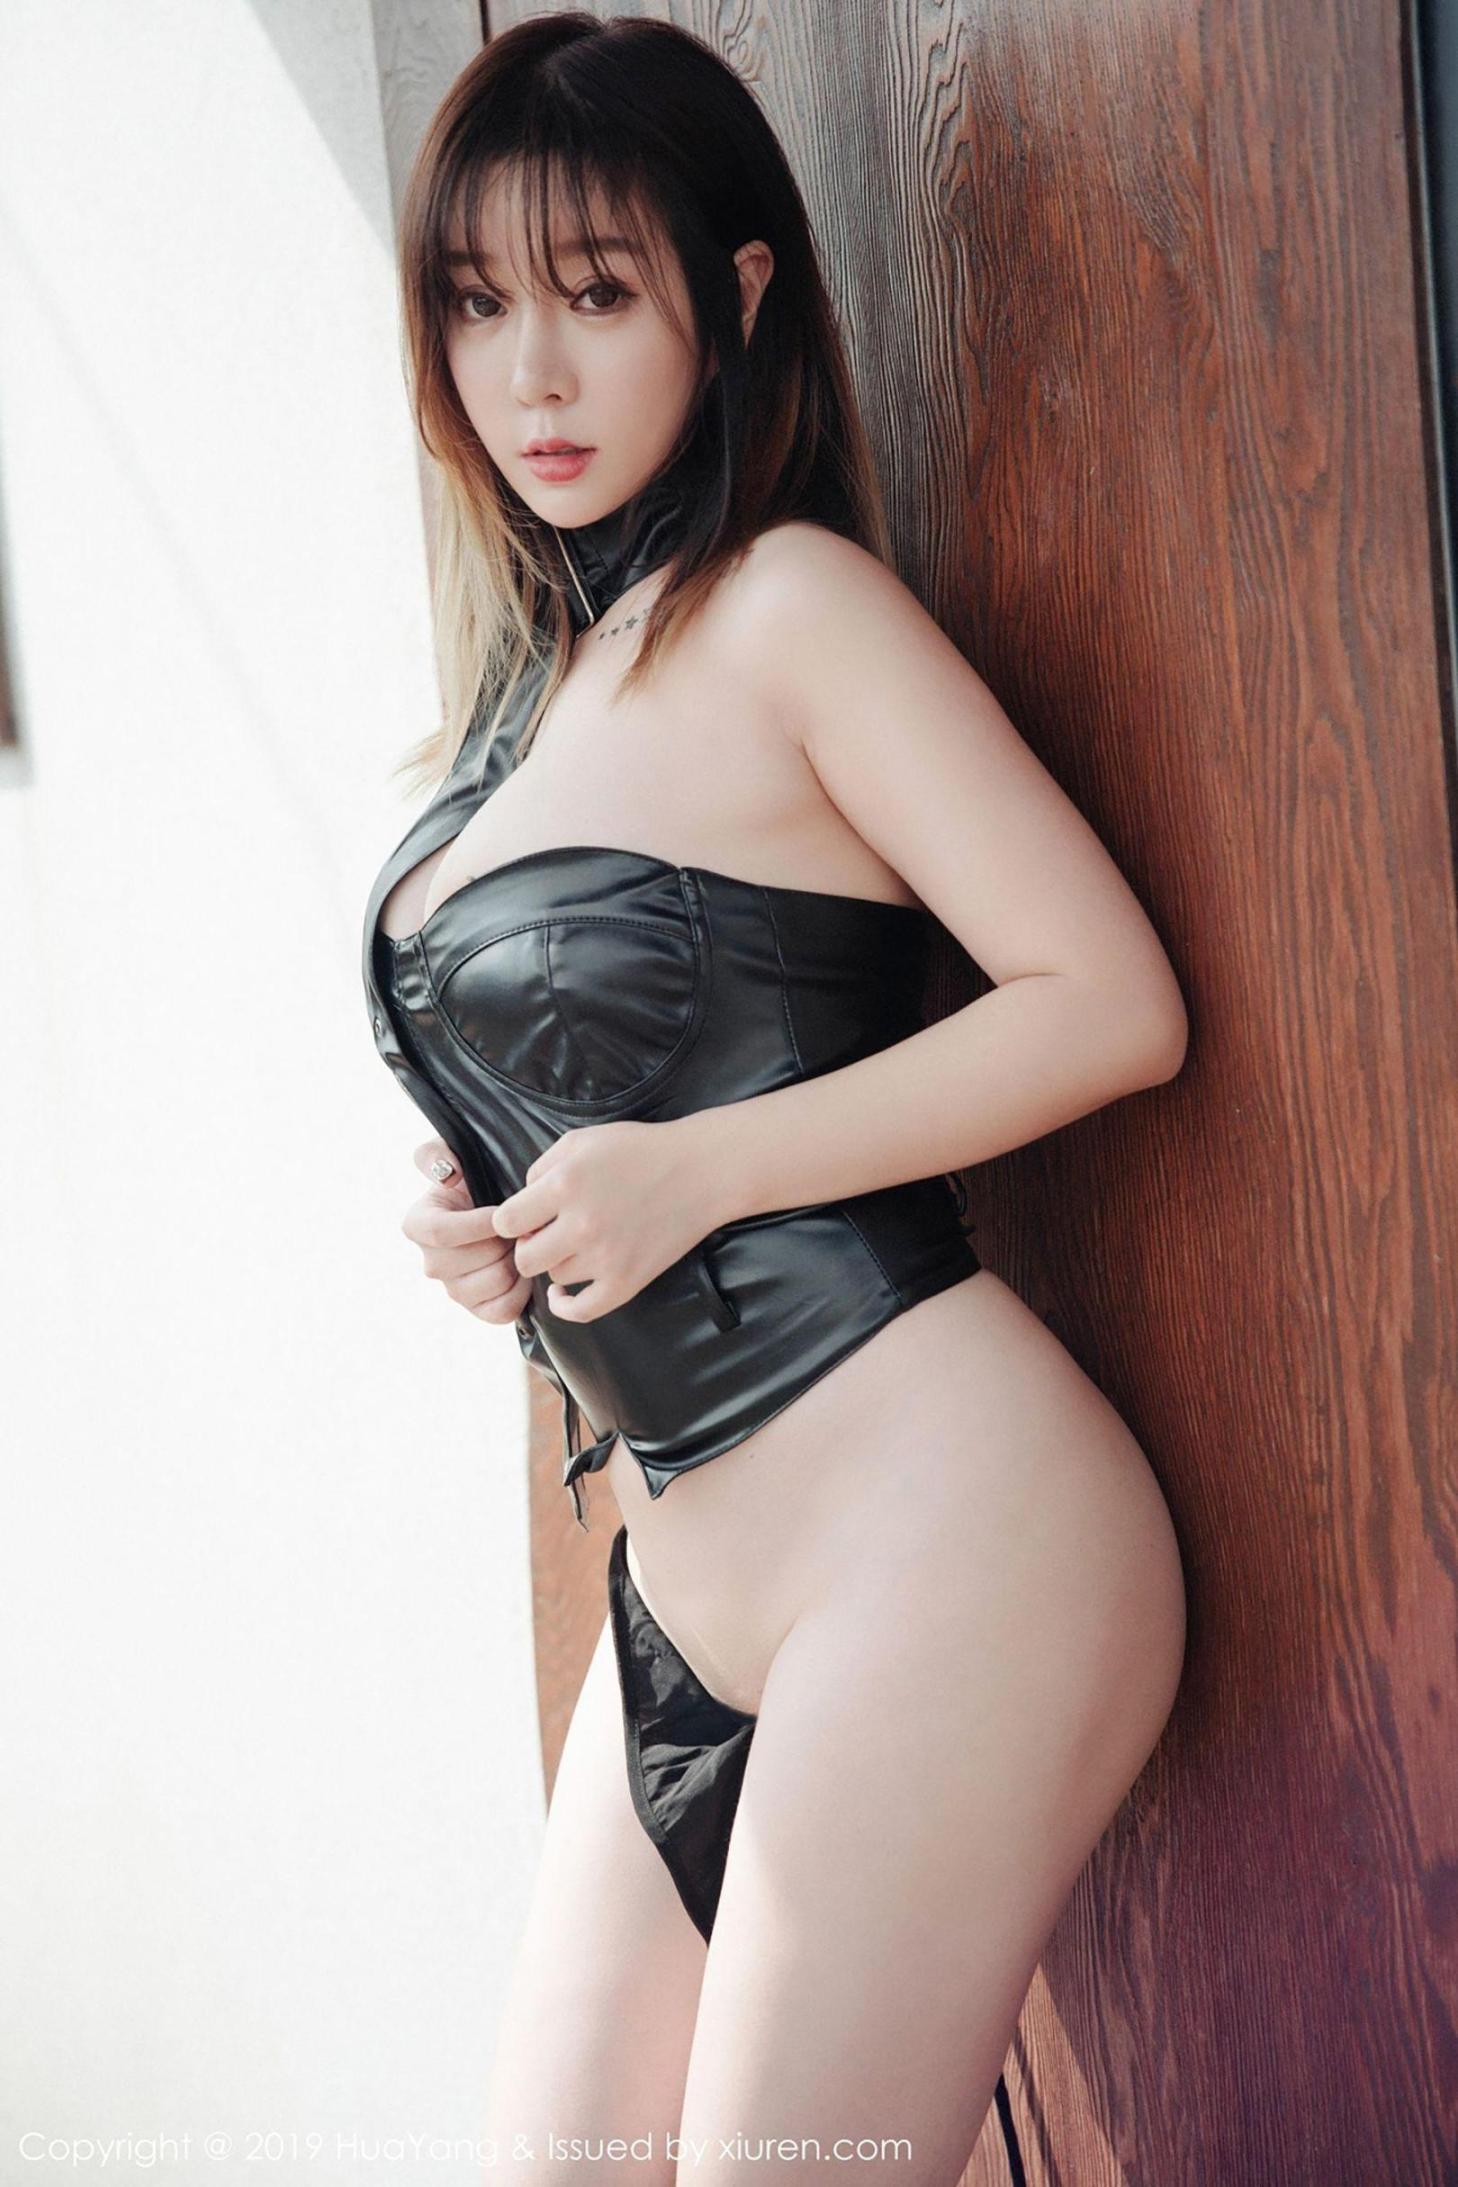 [波萝社] 王雨纯 情趣皮衣美臀 高清写真套图